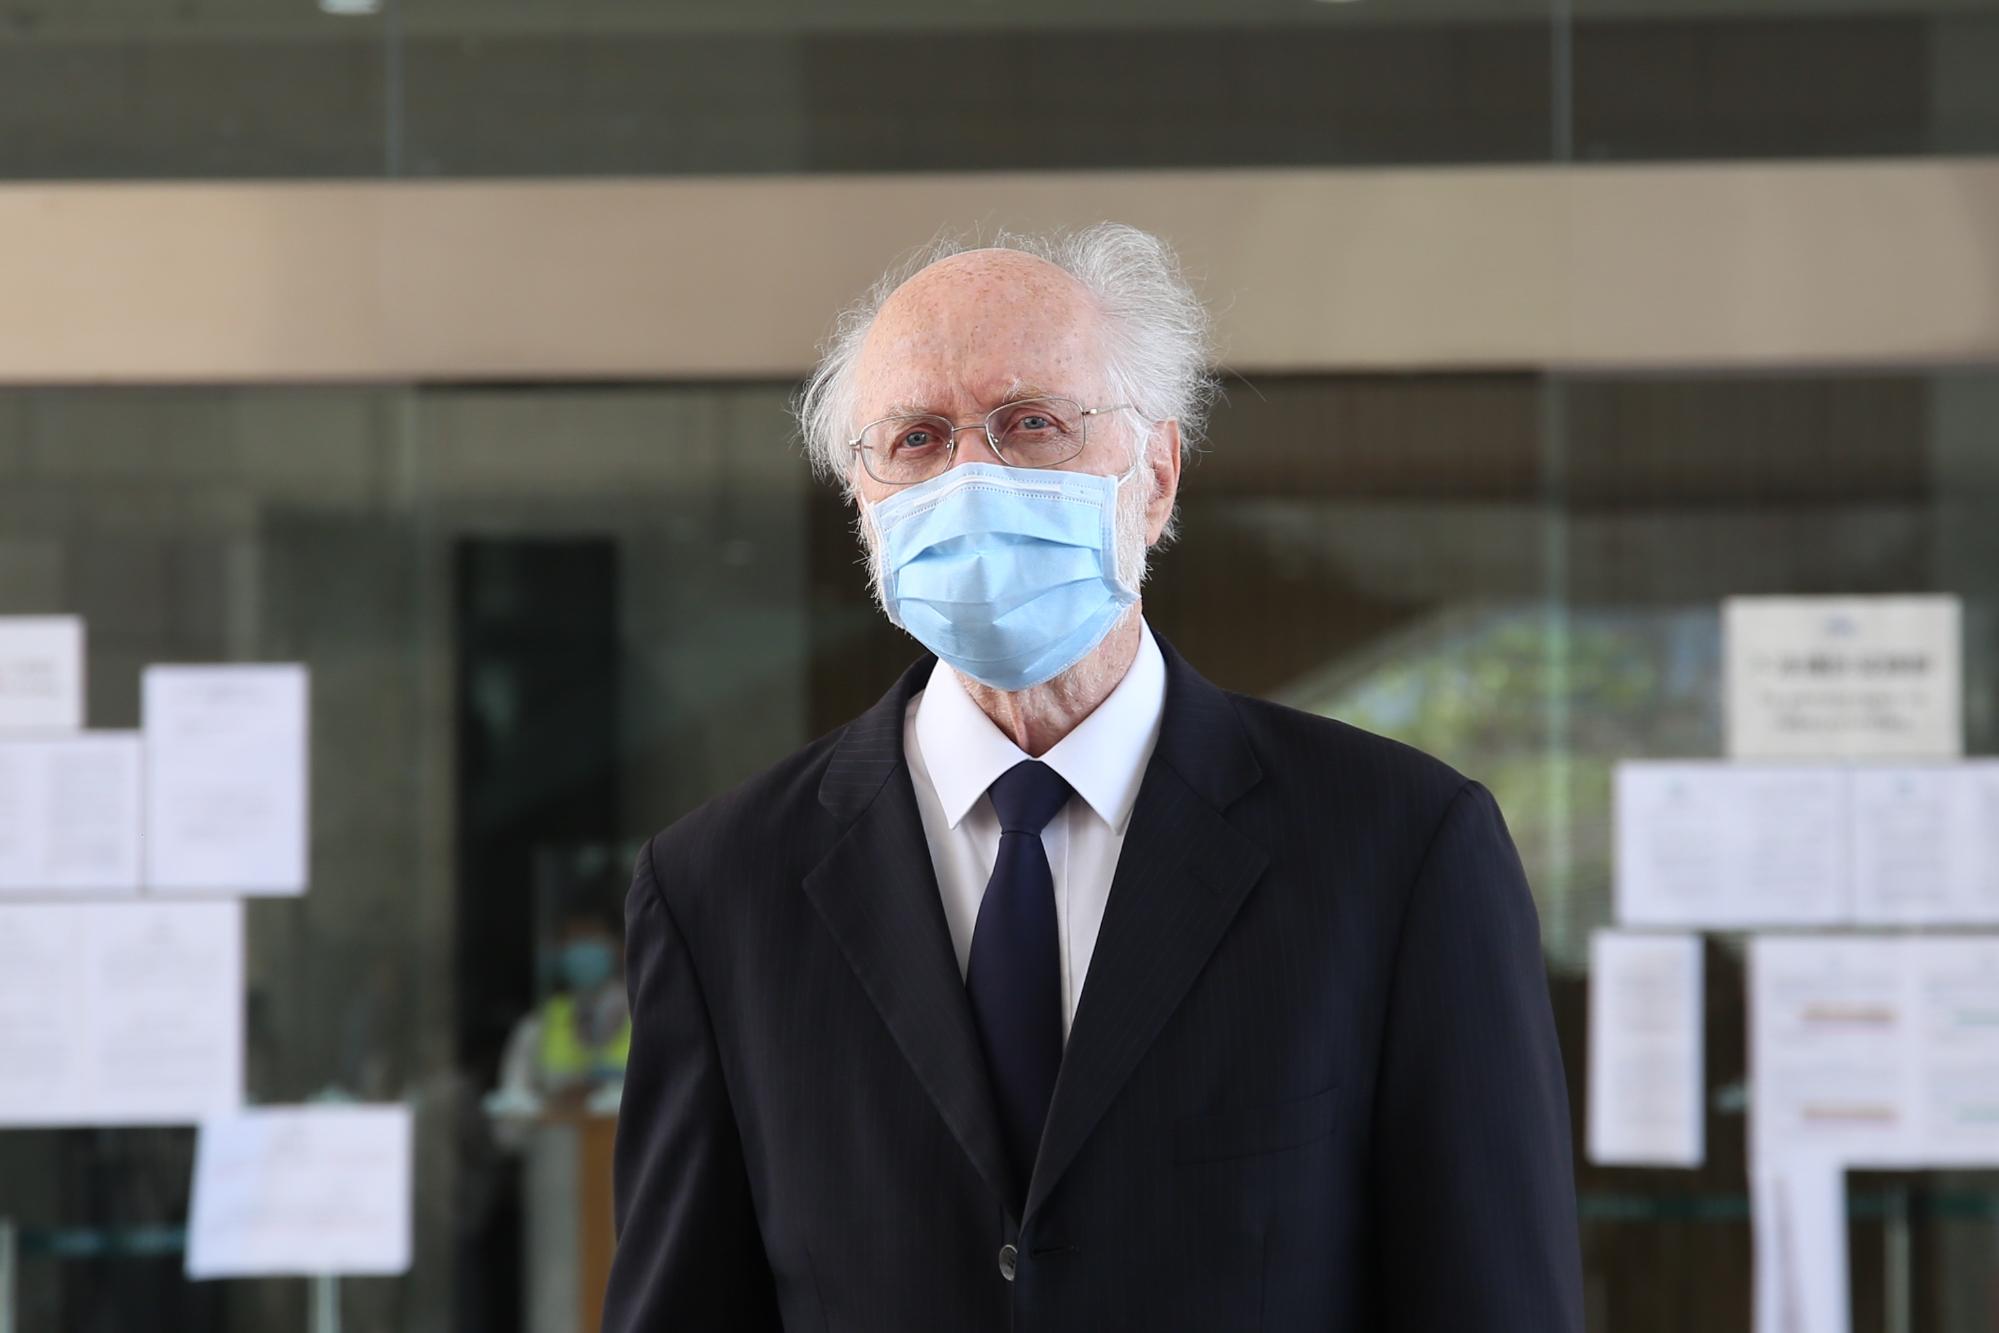 之前曾被捕,但未被起诉的美国籍律师关尚义也有前来声援。(张展豪 摄)